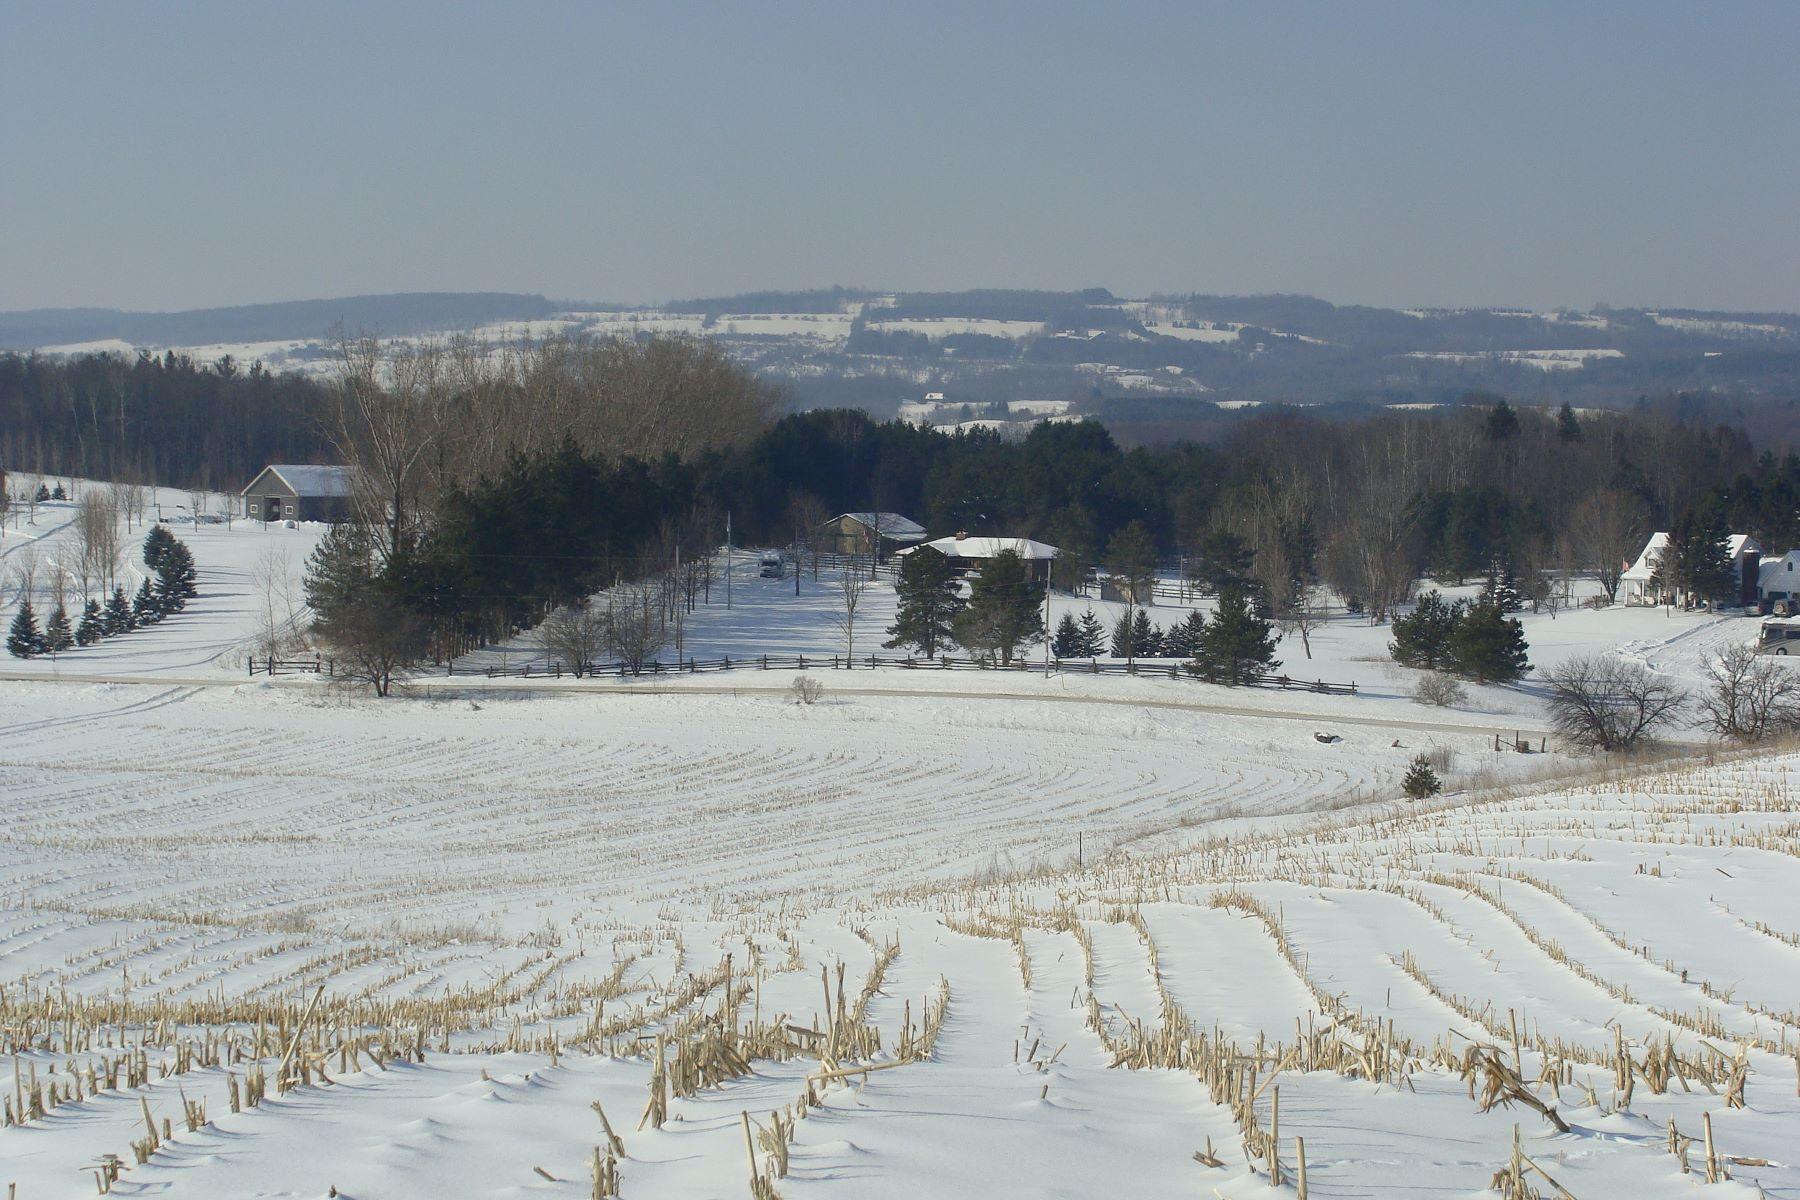 Terreno para Venda às 45 Acres with Gorgeous Views Lt 29 7 Line E, Mulmur, Ontario, L9V 0M9 Canadá